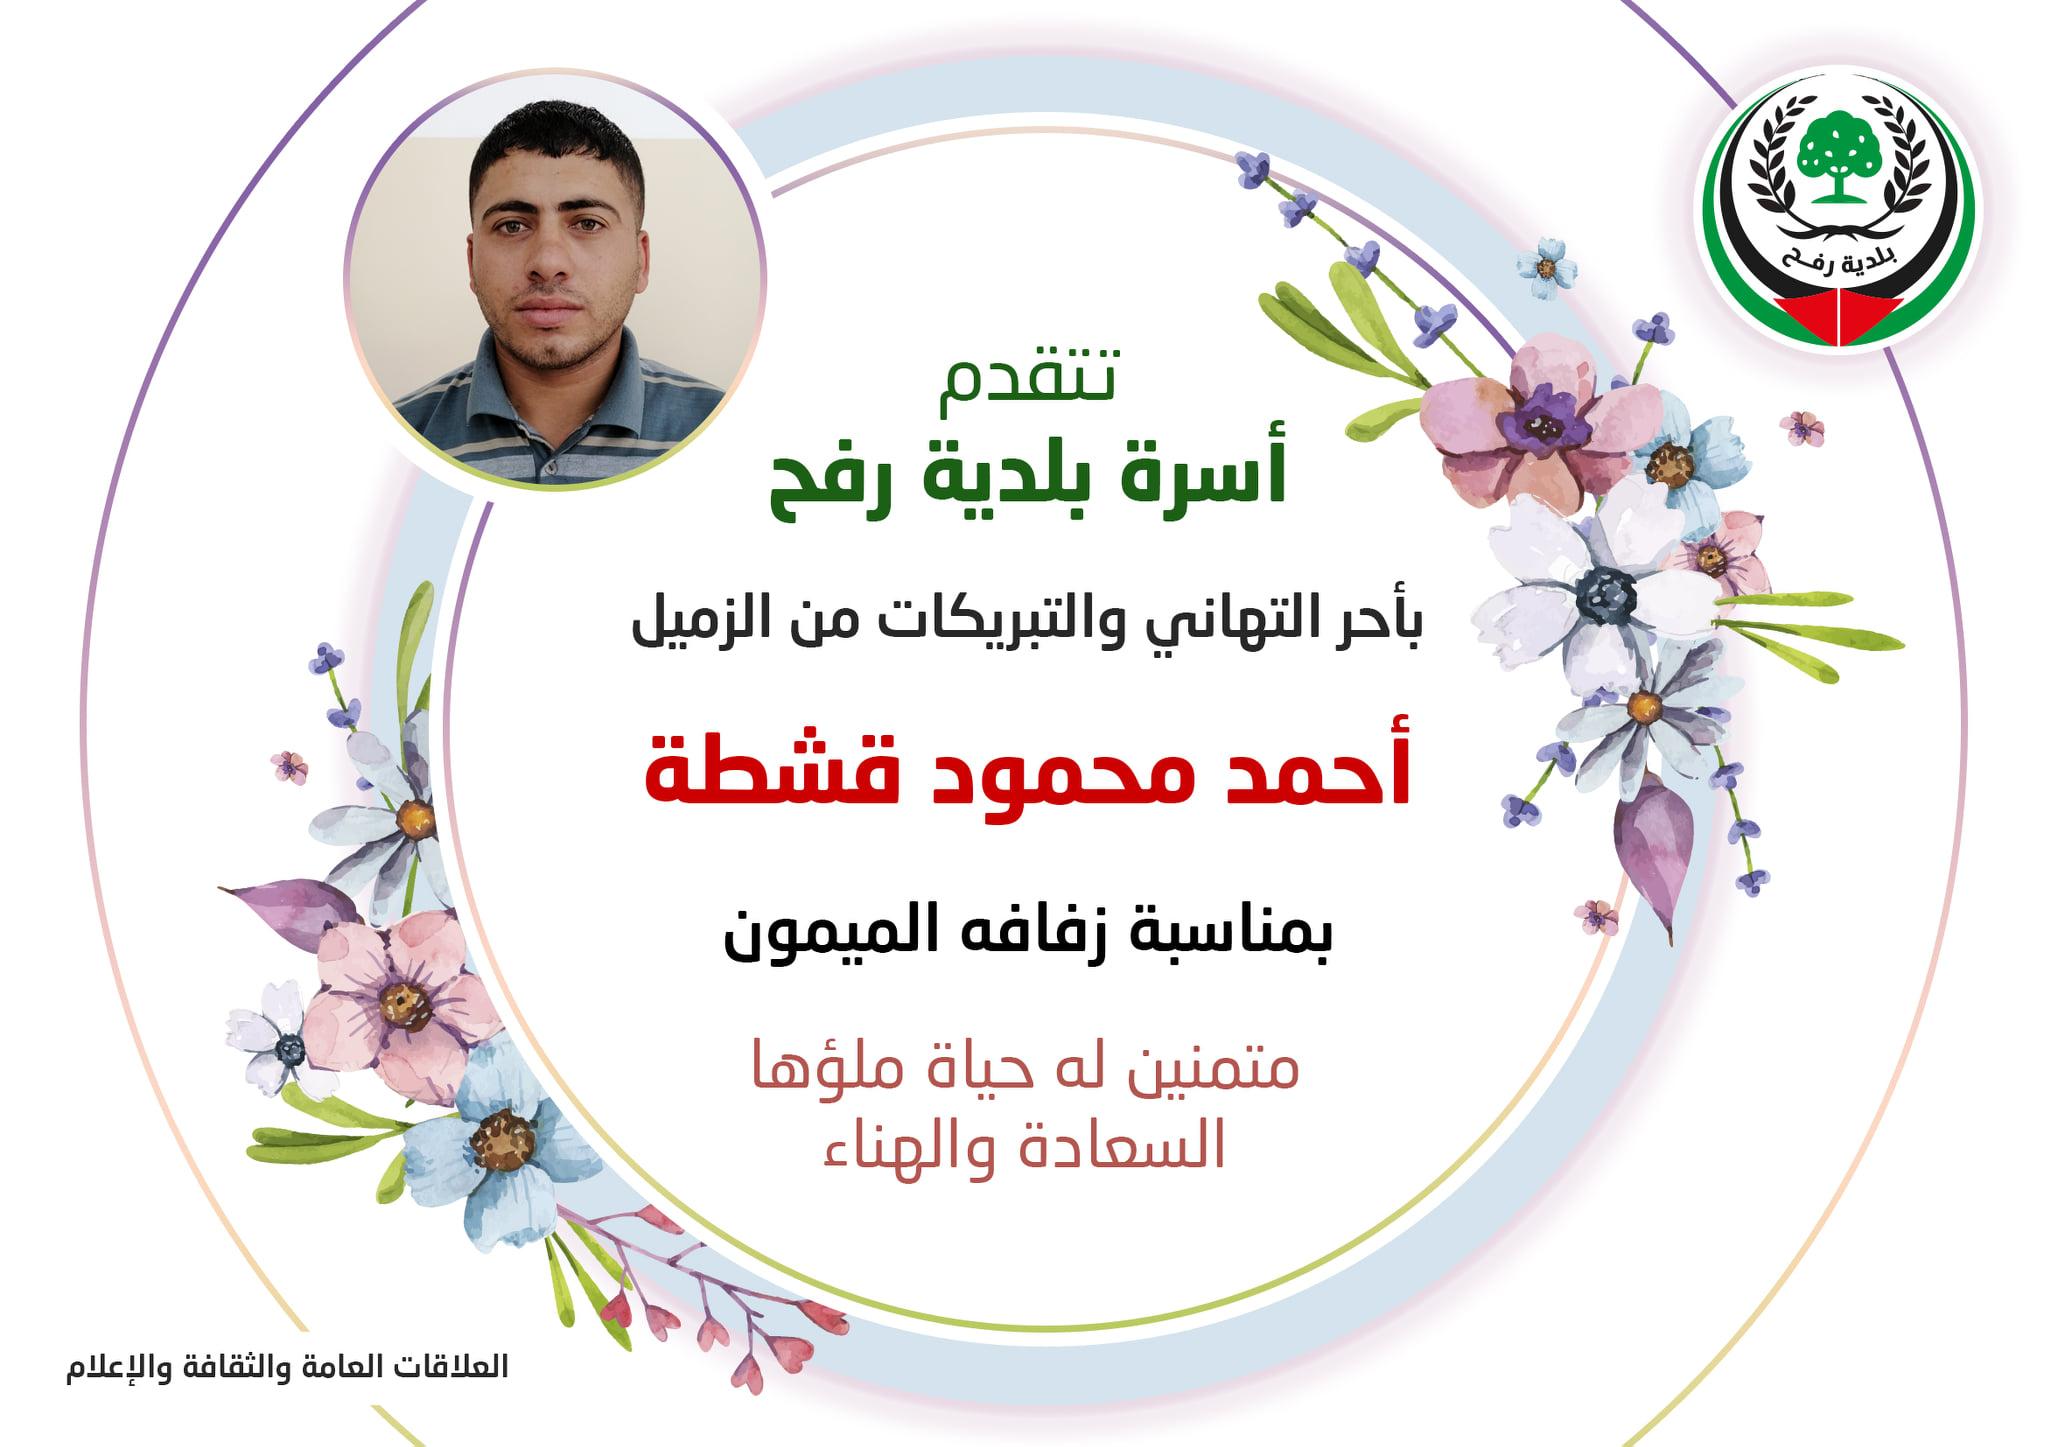 تهنئة للزميل أحمد قشطة بمناسبة الزفاف